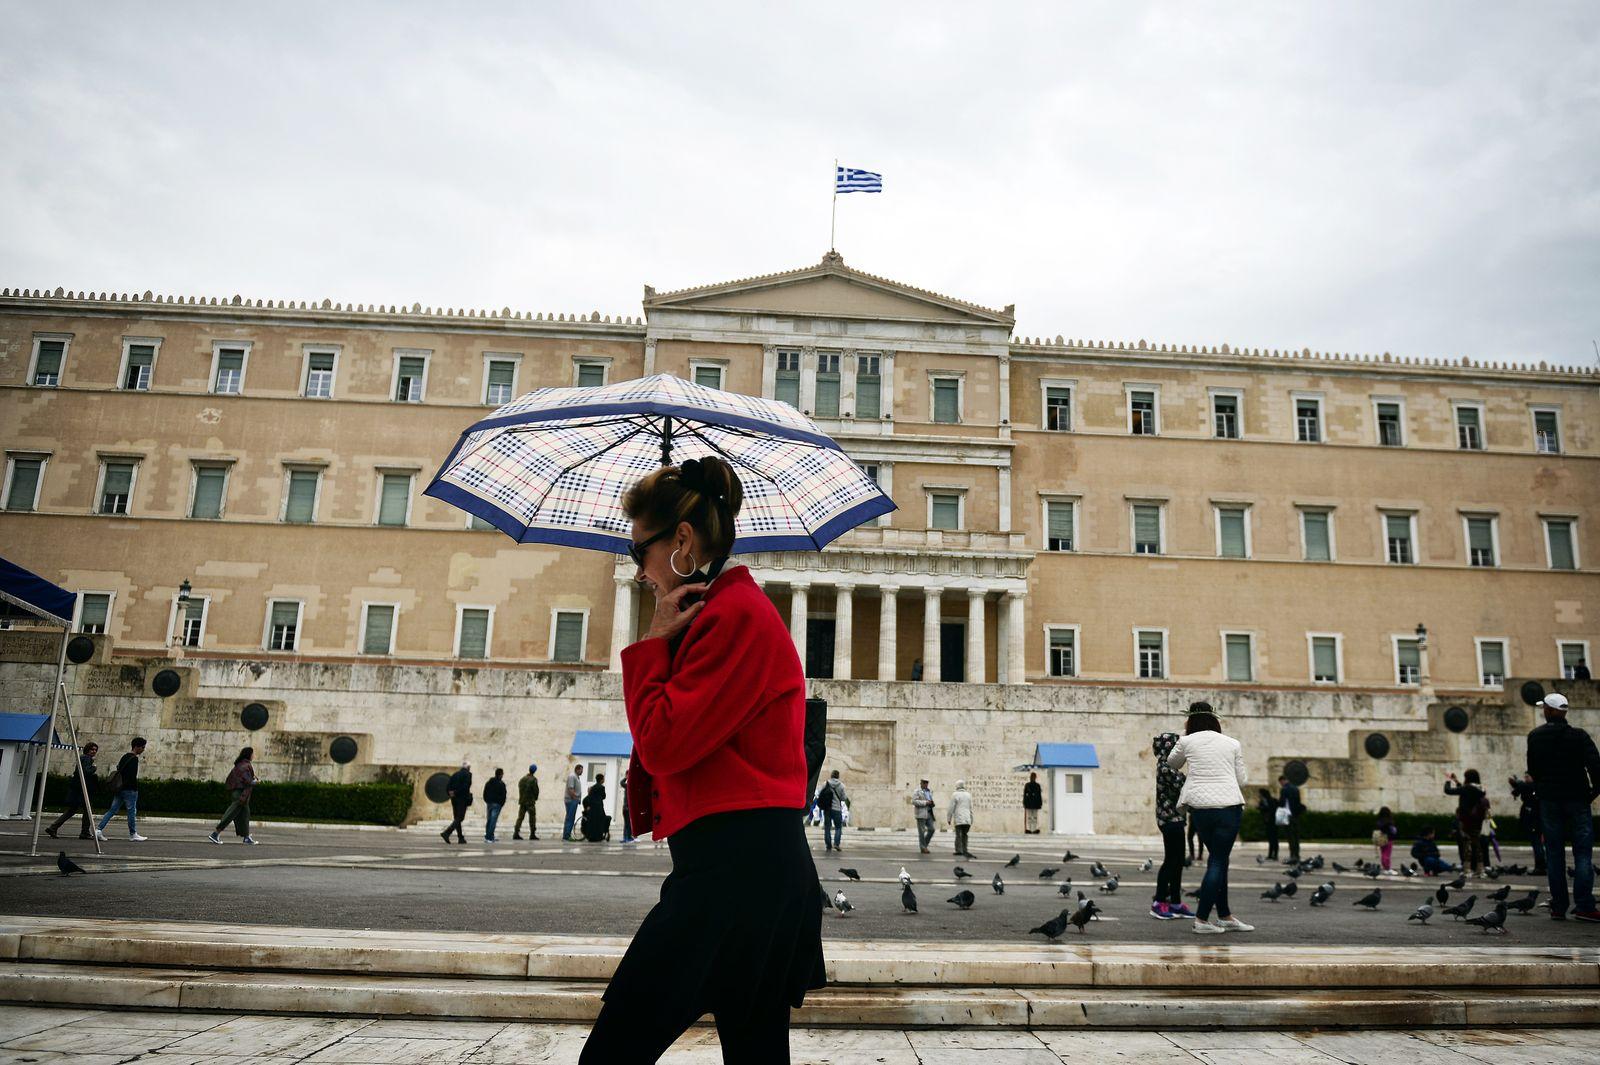 Griechenland / Konjunktur / Wirtschaft / Finanzkrise